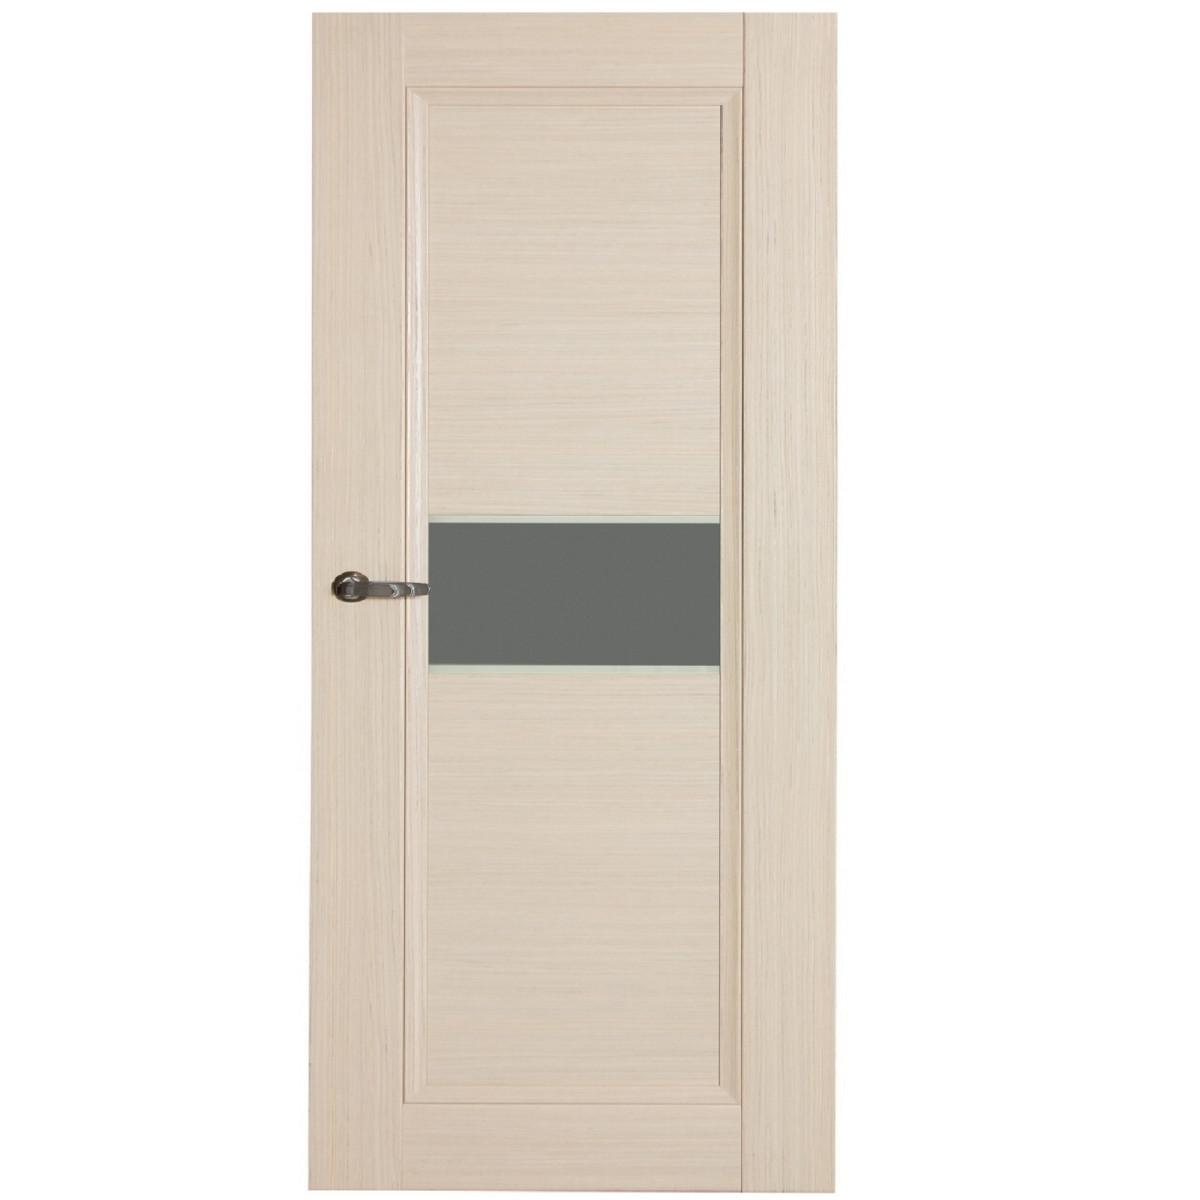 Дверь Межкомнатная Остеклённая Конкорд Cpl 60x200 Цвет Выбеленый Дуб